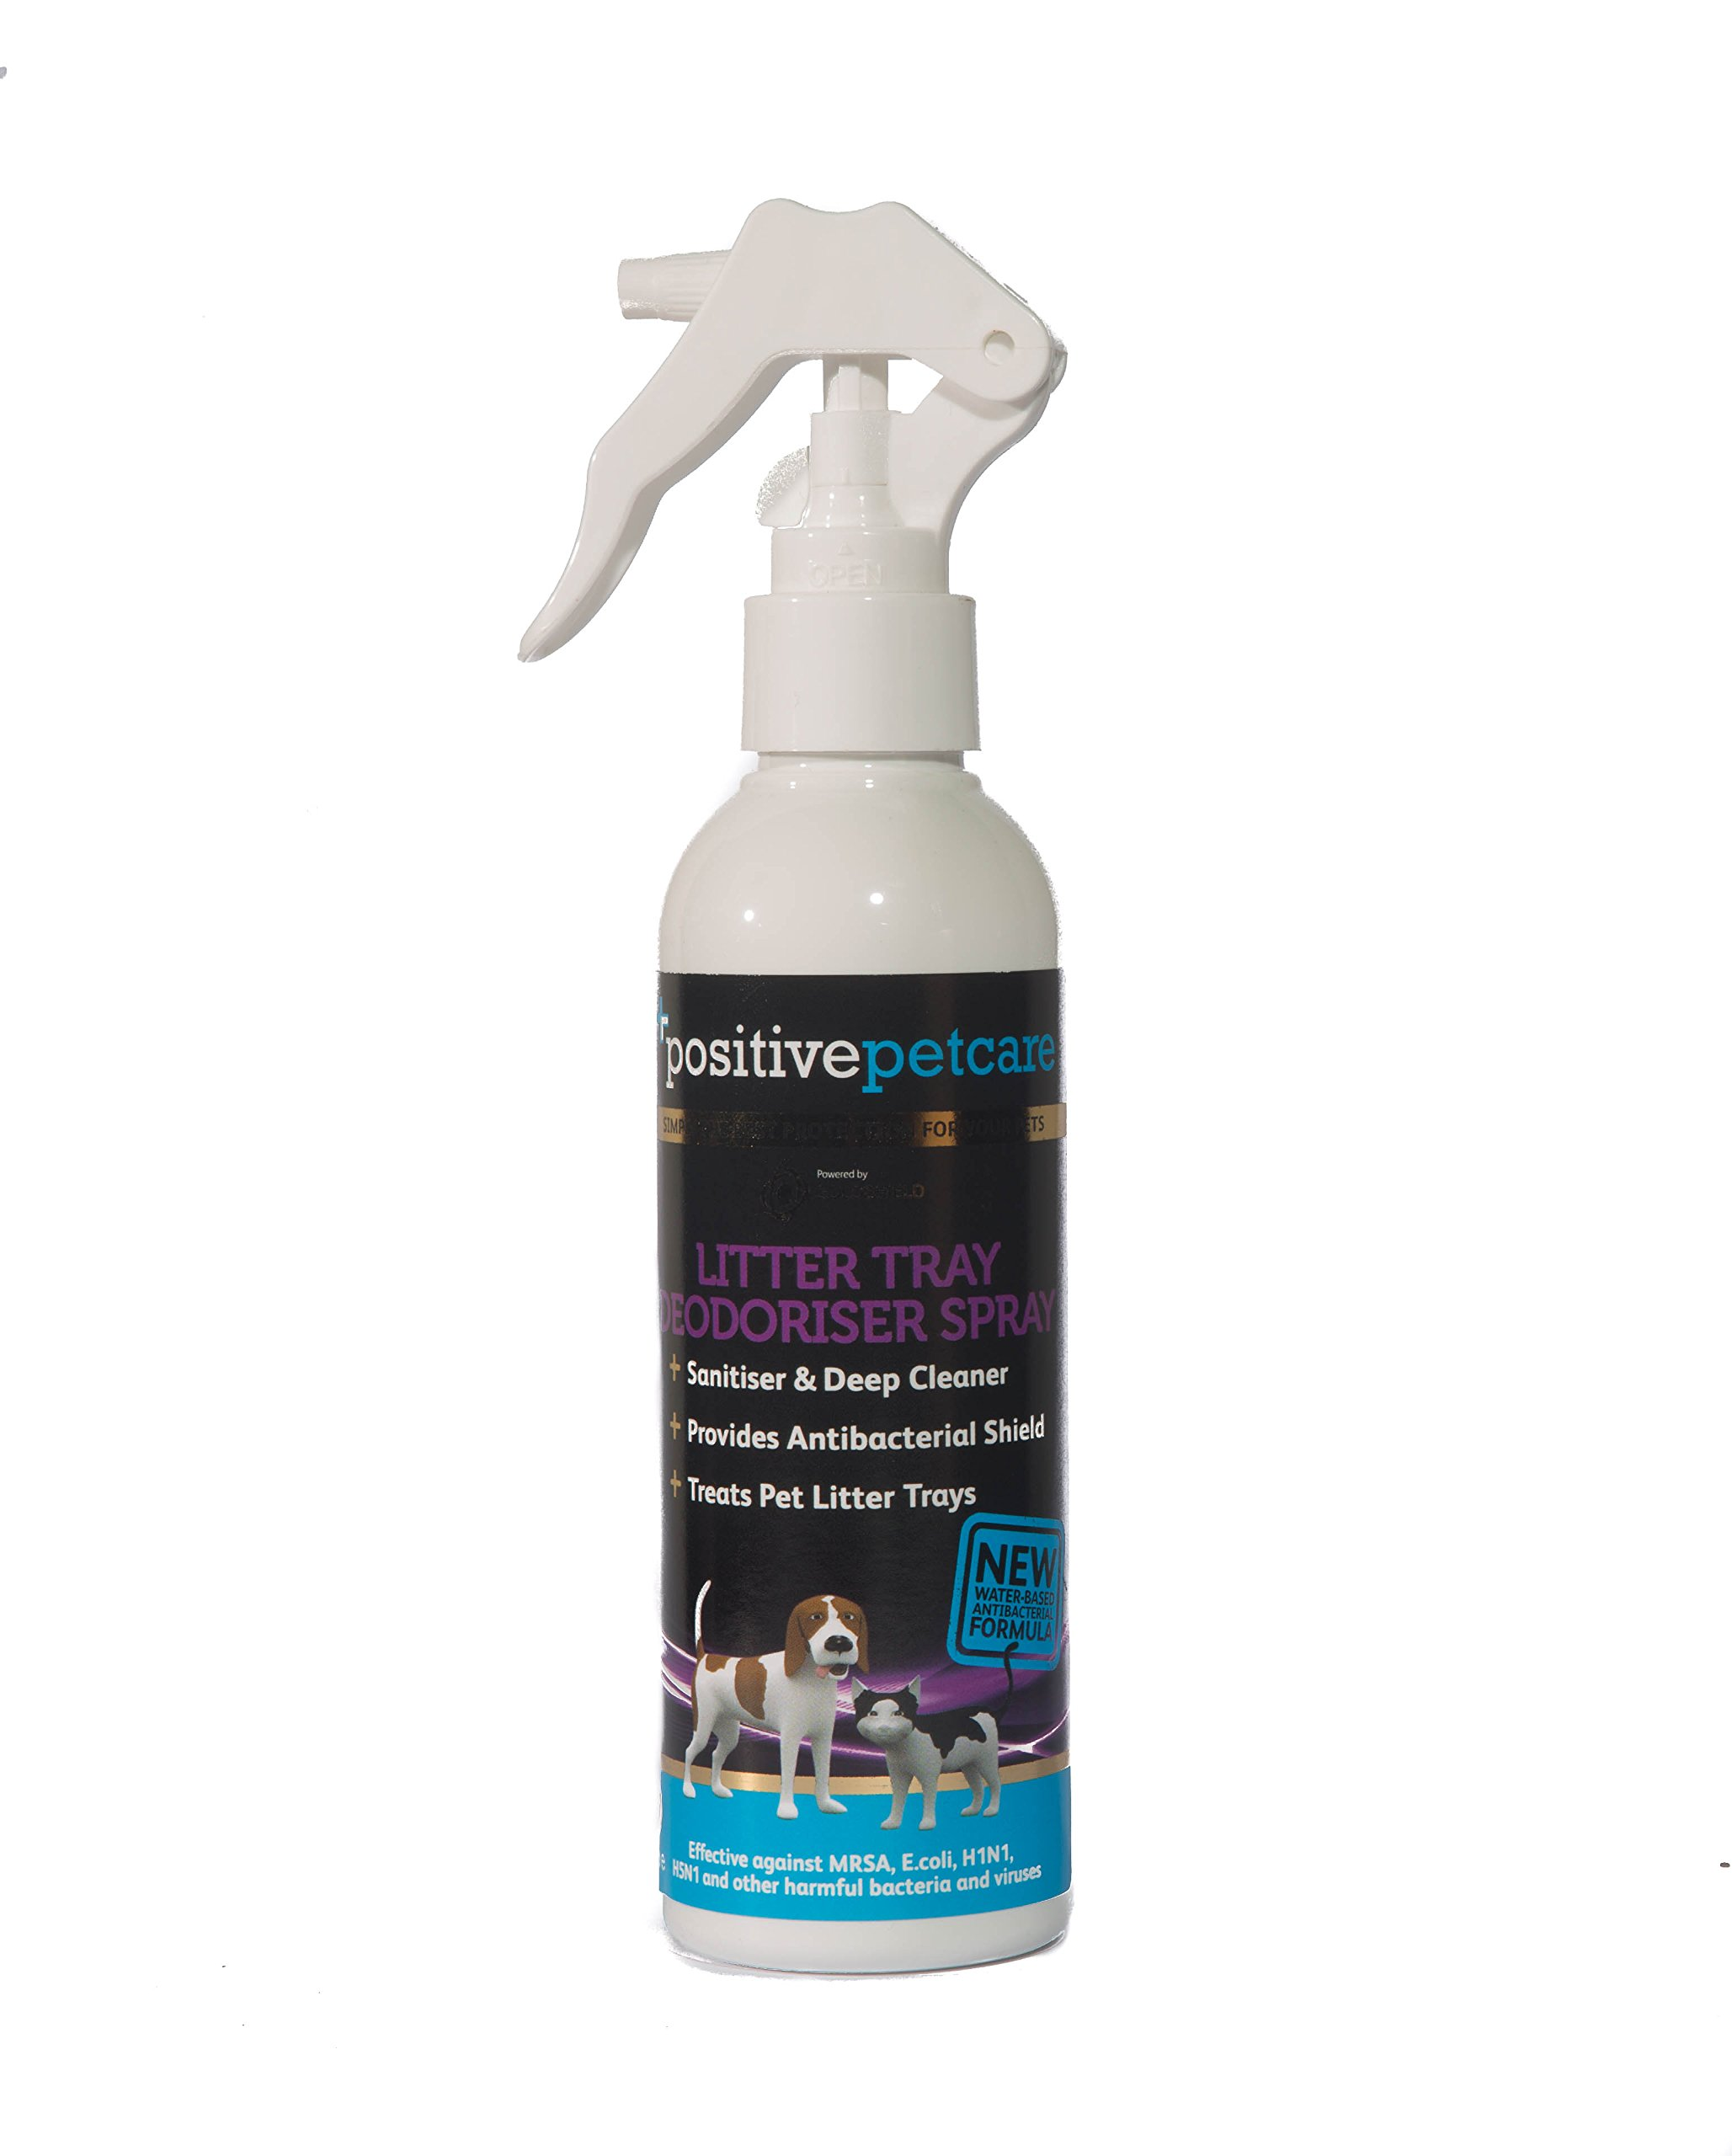 Positive Petcare – Deodorante per lettiera, durata fino a 14 giorni, elimina l'odore di urina e altri cattivi odori grazie alla nuova formula antibatterica a lunga durata, a base d'acqua, sicuro al 100% per gatti, gattini e conigli, in flacone da 200 ml